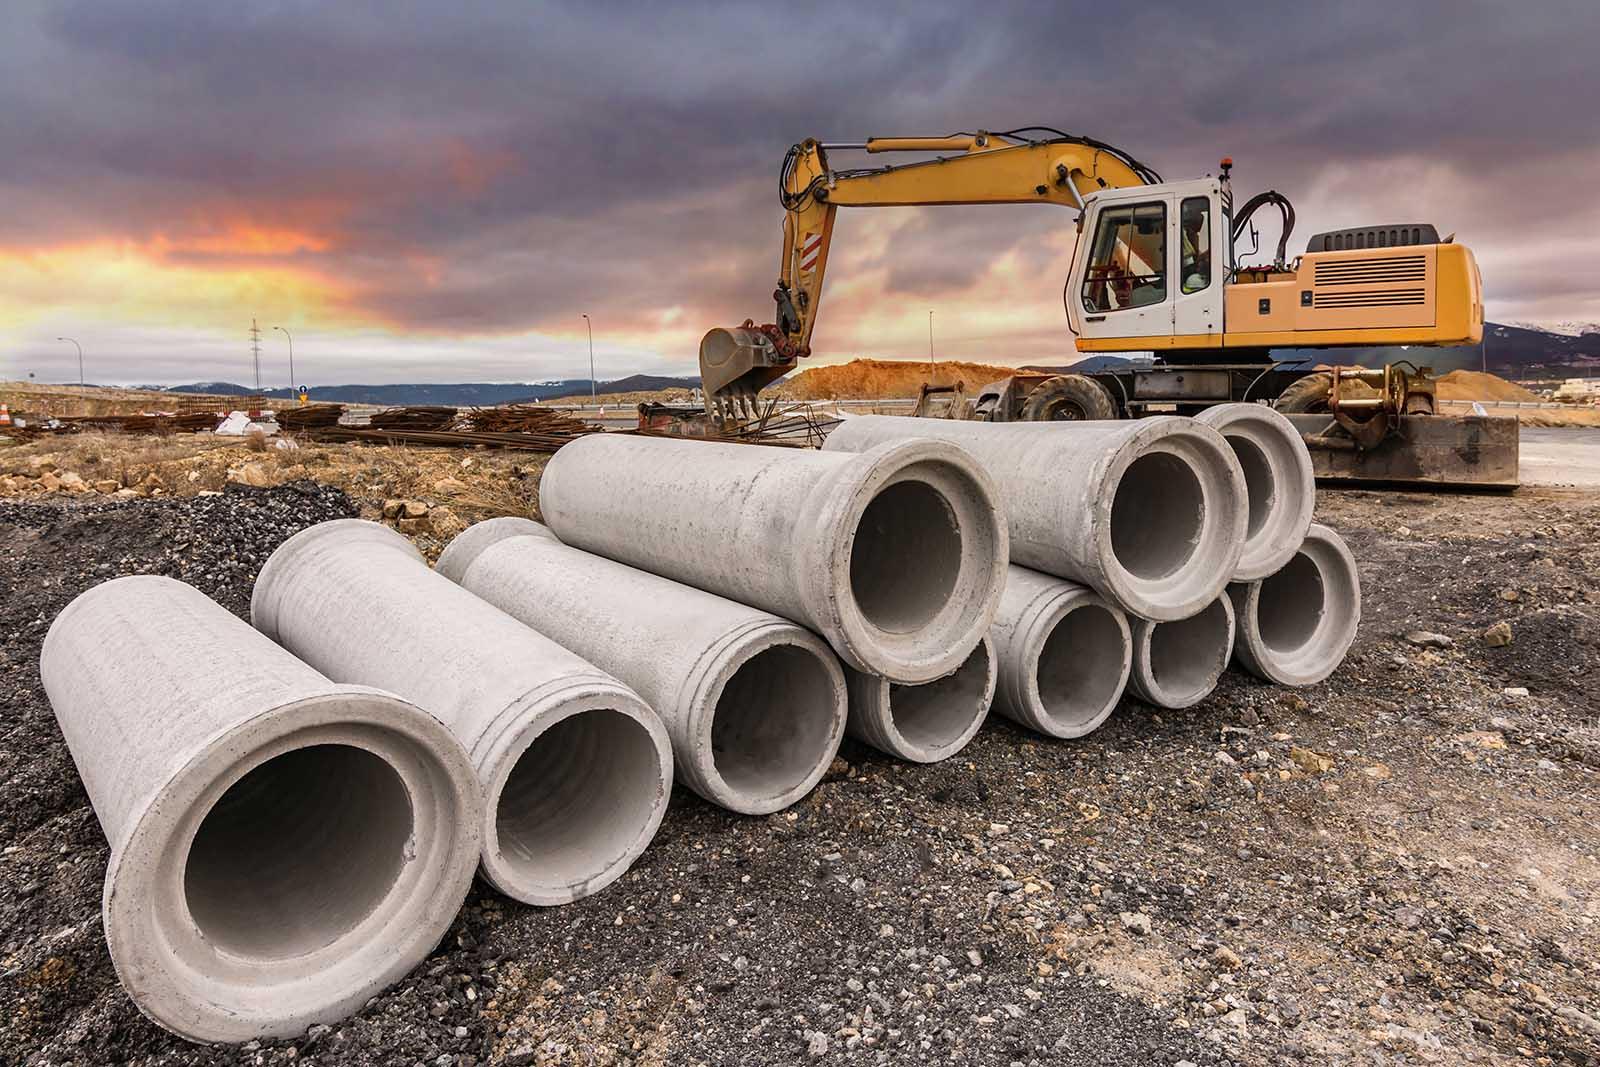 Vi är specialiserade på alla typer av avloppsarbeten såsom dränering, underhåll och anläggning av enskilt avlopp i Värmland med markbädd och infiltration.